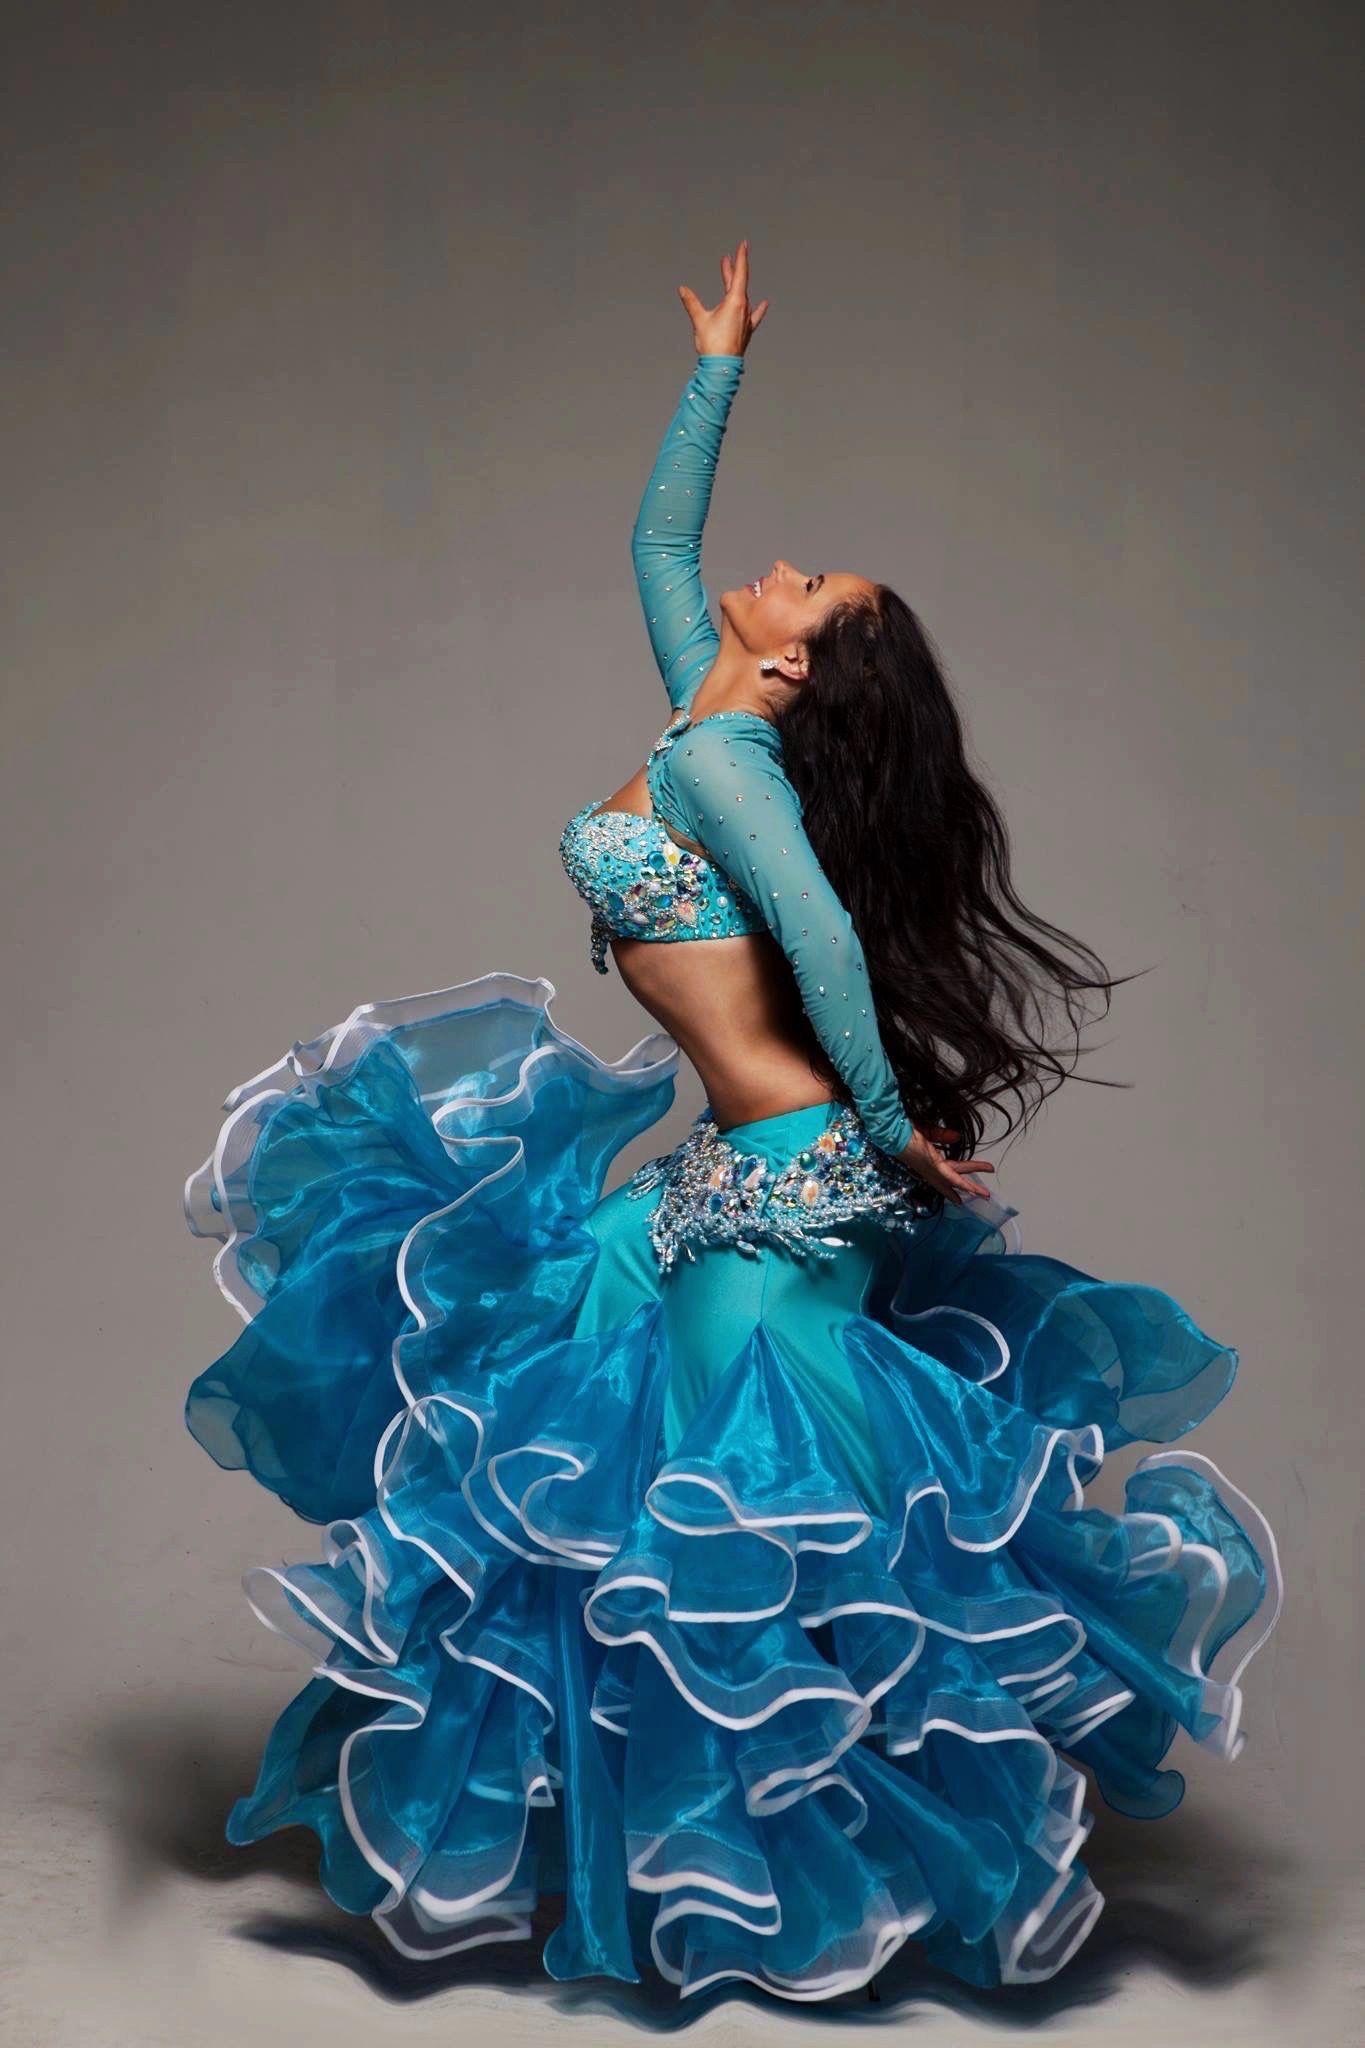 Bellydance Oryantal Dansoz Orientalischer Tanz Nina Teza Bauchtanz Tanzerin Dance Costume Bauchtanz Bauchtanz Kleidung Bauchtanzkostume